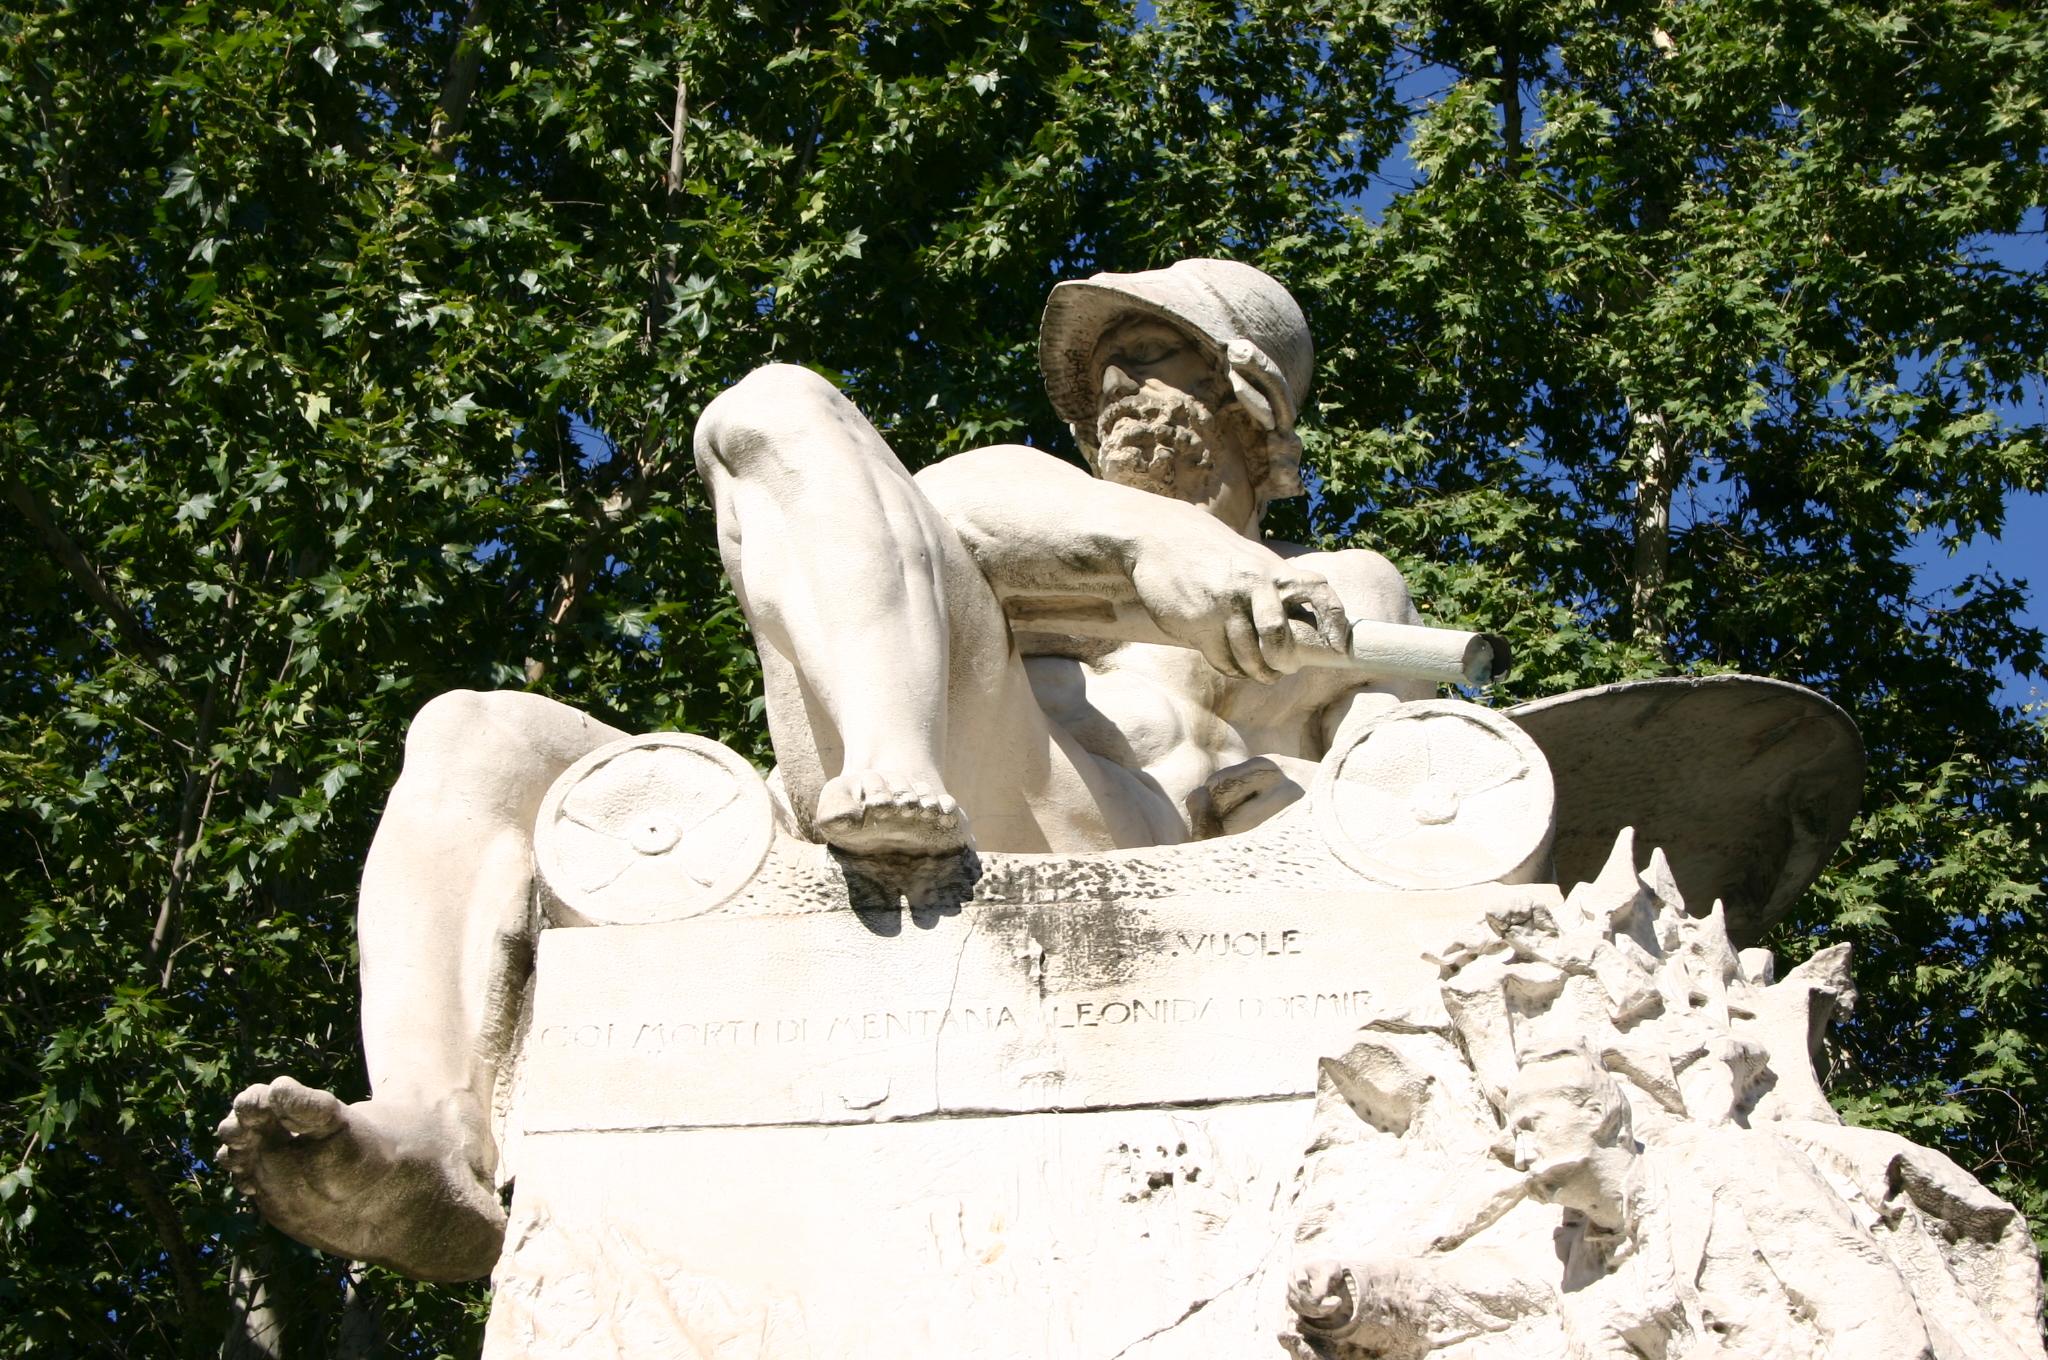 https://upload.wikimedia.org/wikipedia/commons/7/7f/3420_-_Milano_-_Ernesto_Bazzaro_%281859-1937%29_-_Monumento_a_Felice_Cavallotti_%281906%29_-_Foto_Giovanni_Dall%27Orto_23-Jun-2007.jpg